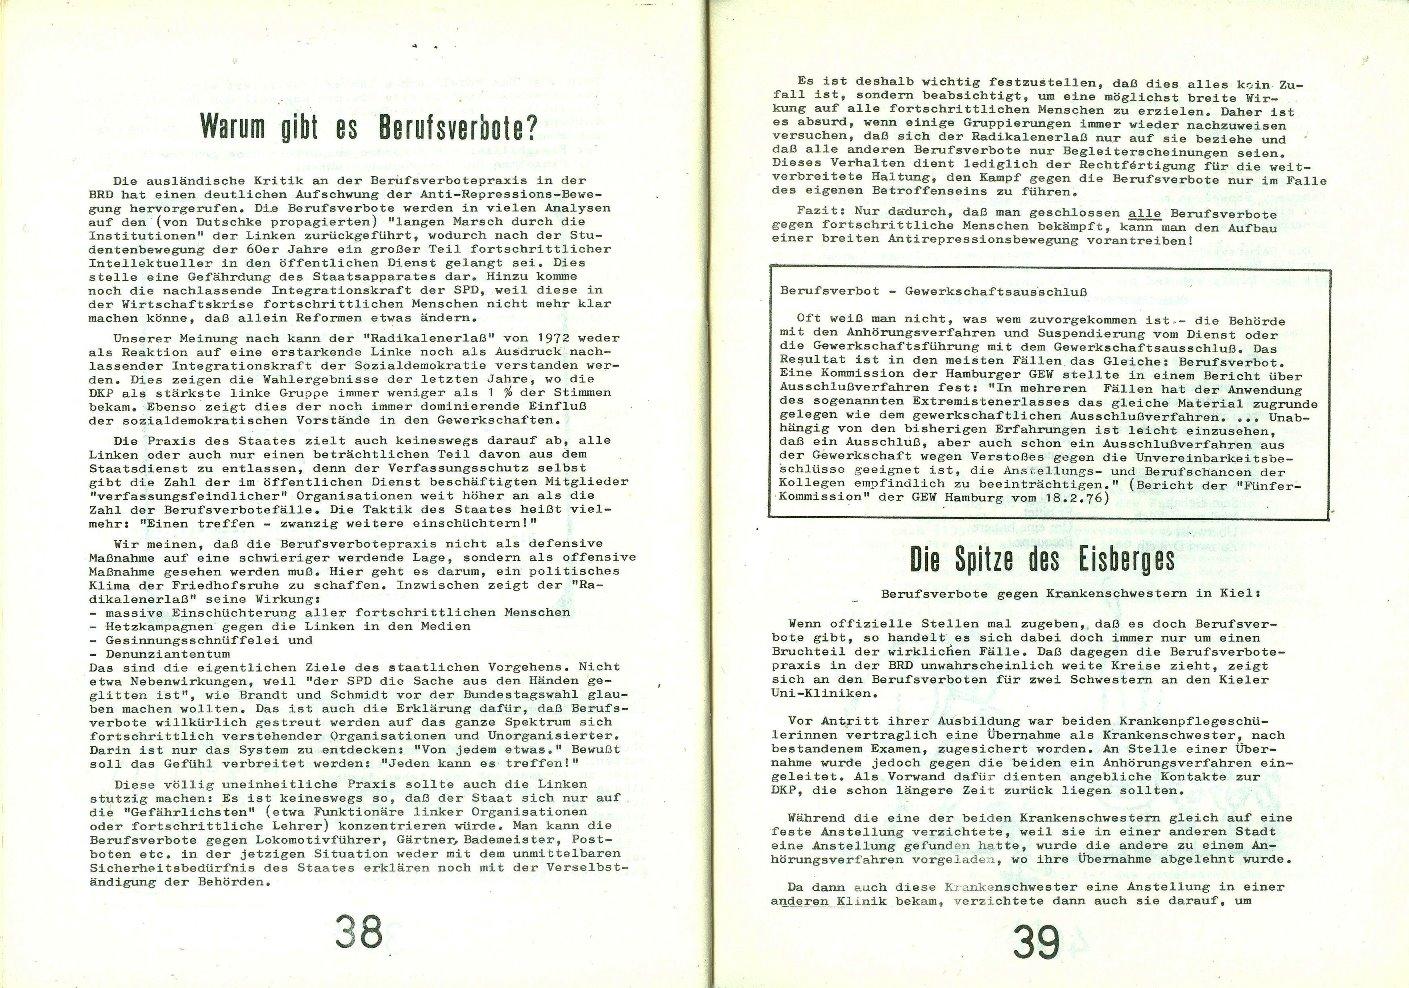 Kiel_Berufsverbote020